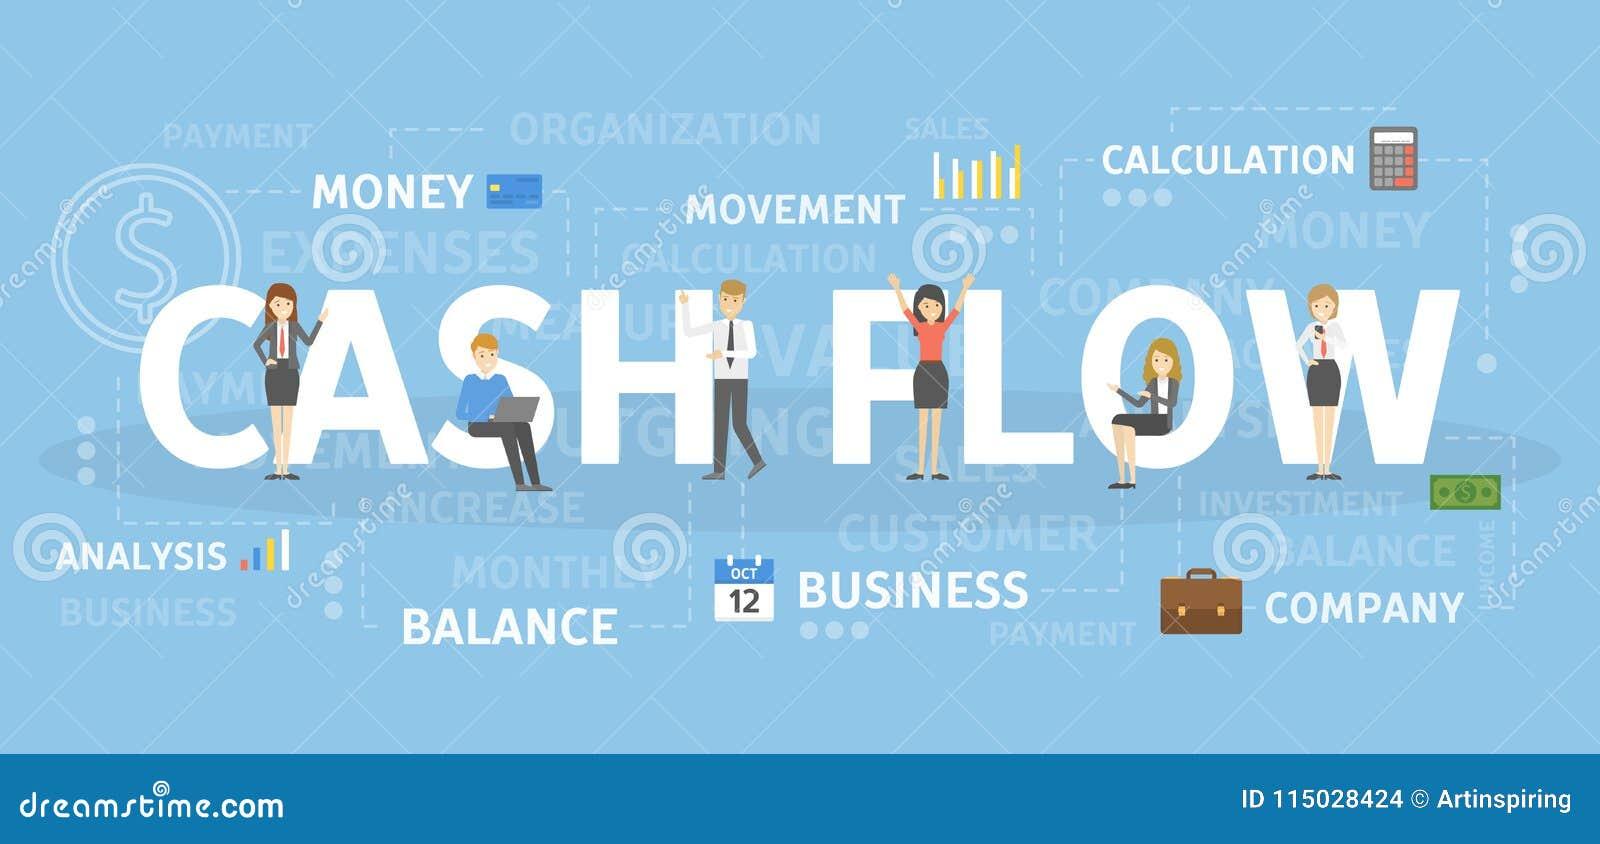 Cash flowconcept